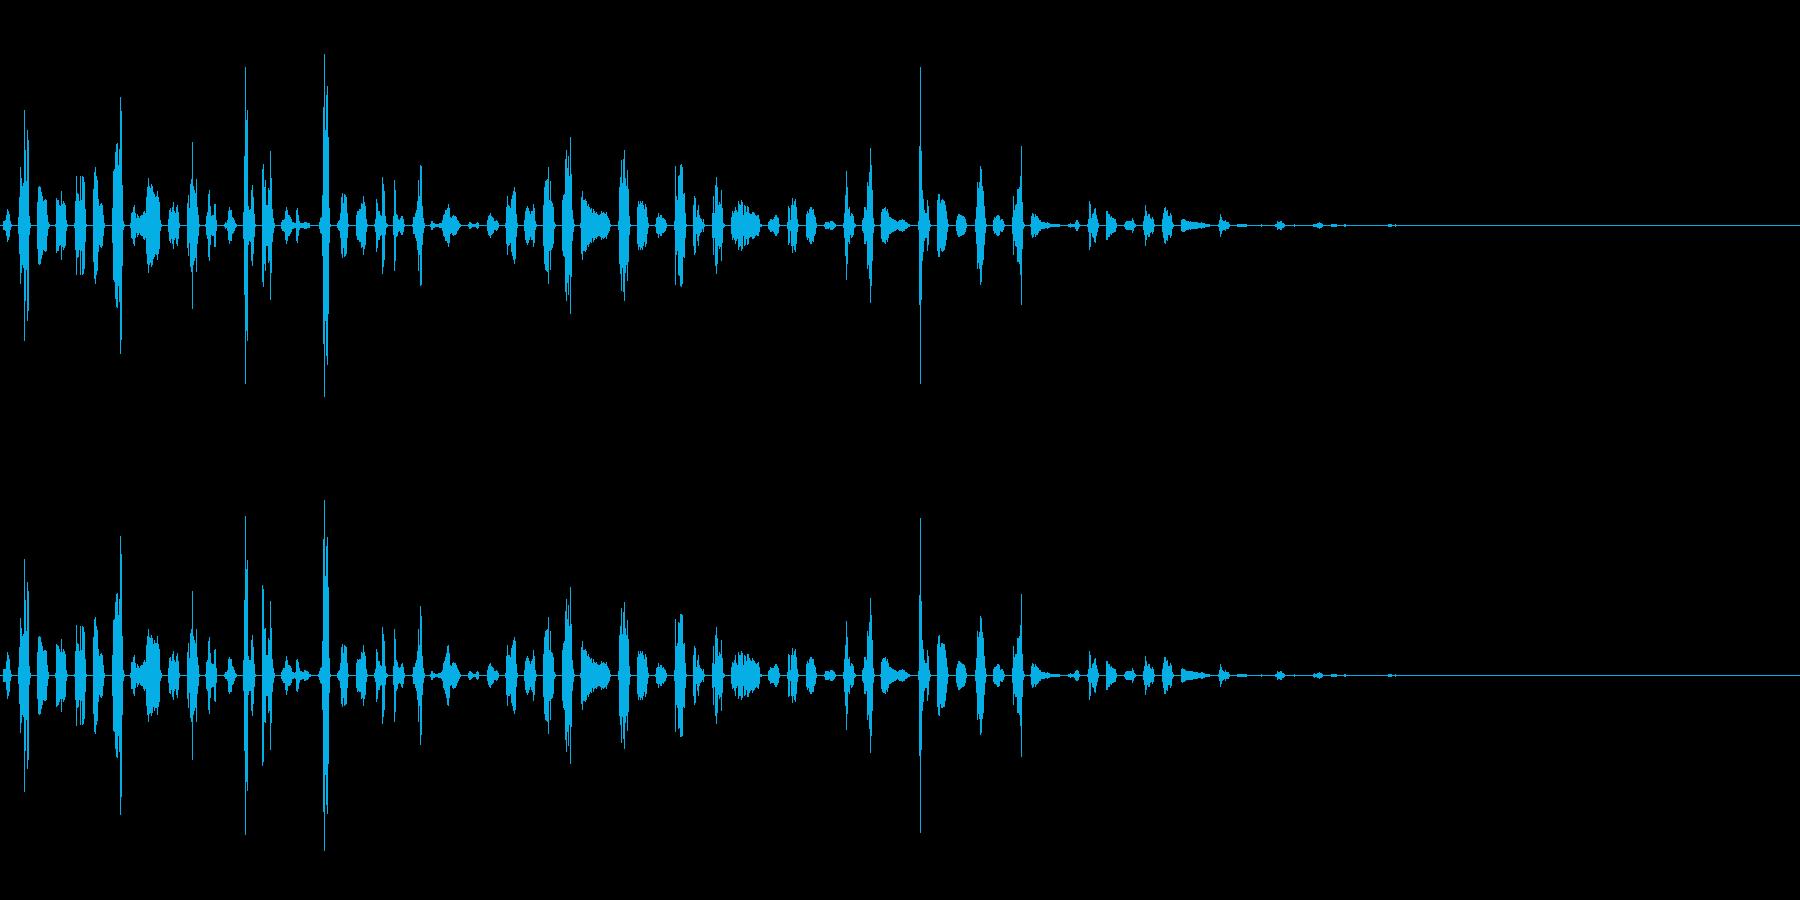 247 へんてこなリズムの再生済みの波形